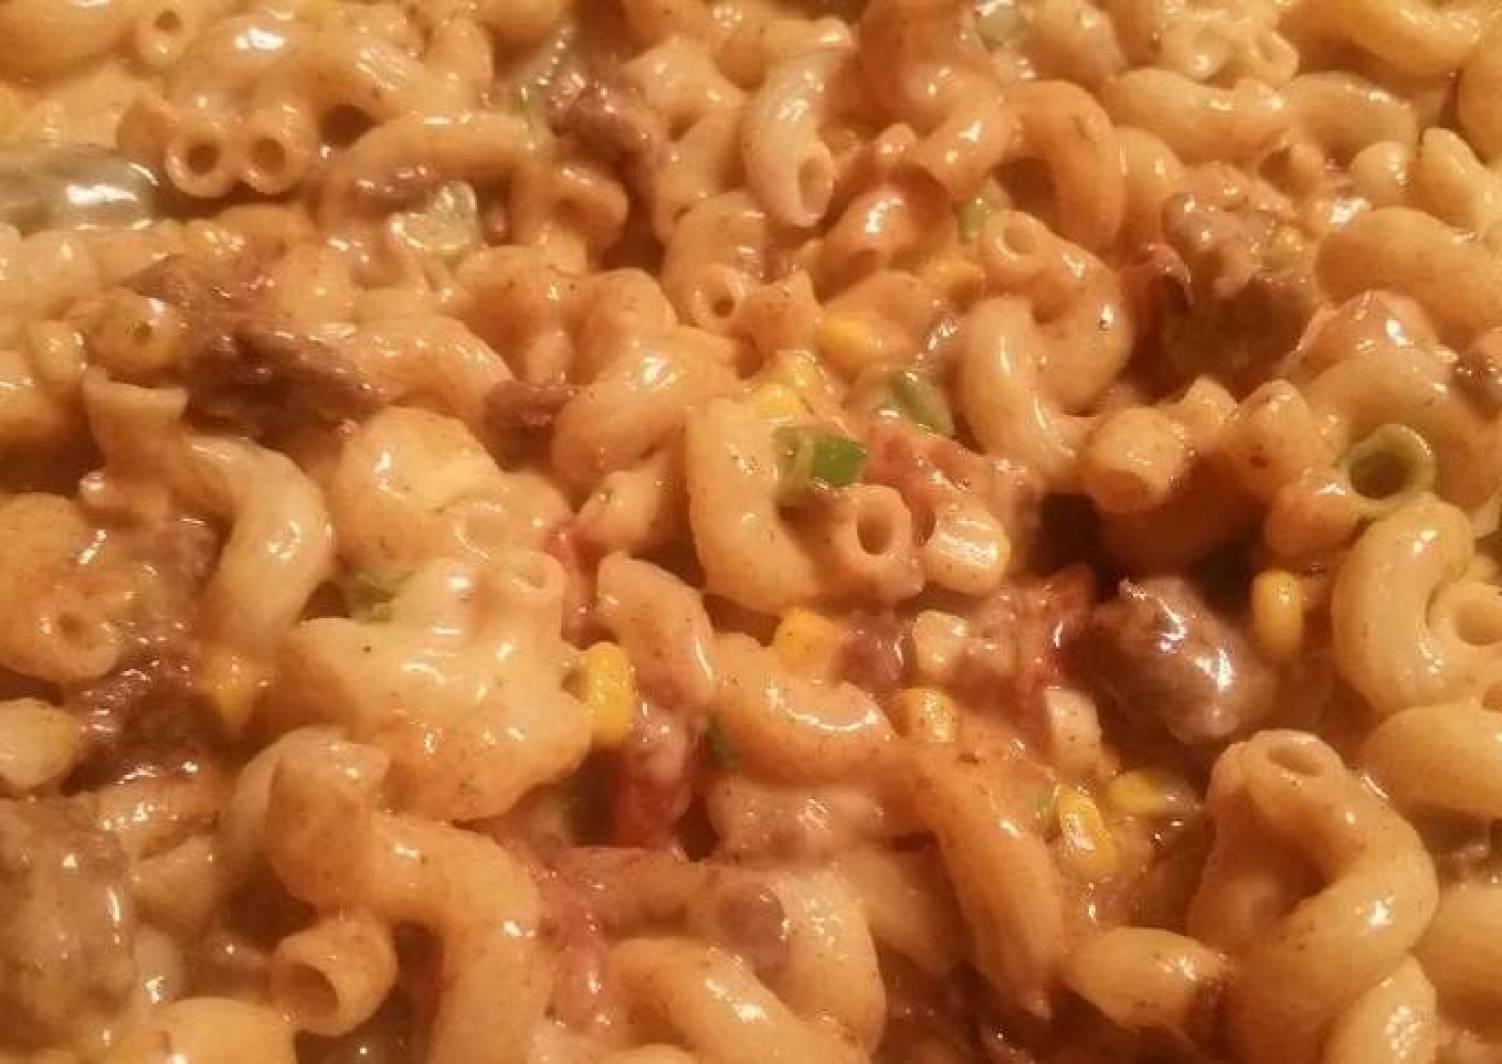 Jalapeño-Cheddar Beef Mac w/ Caramelized Red Onion Corn Muffins